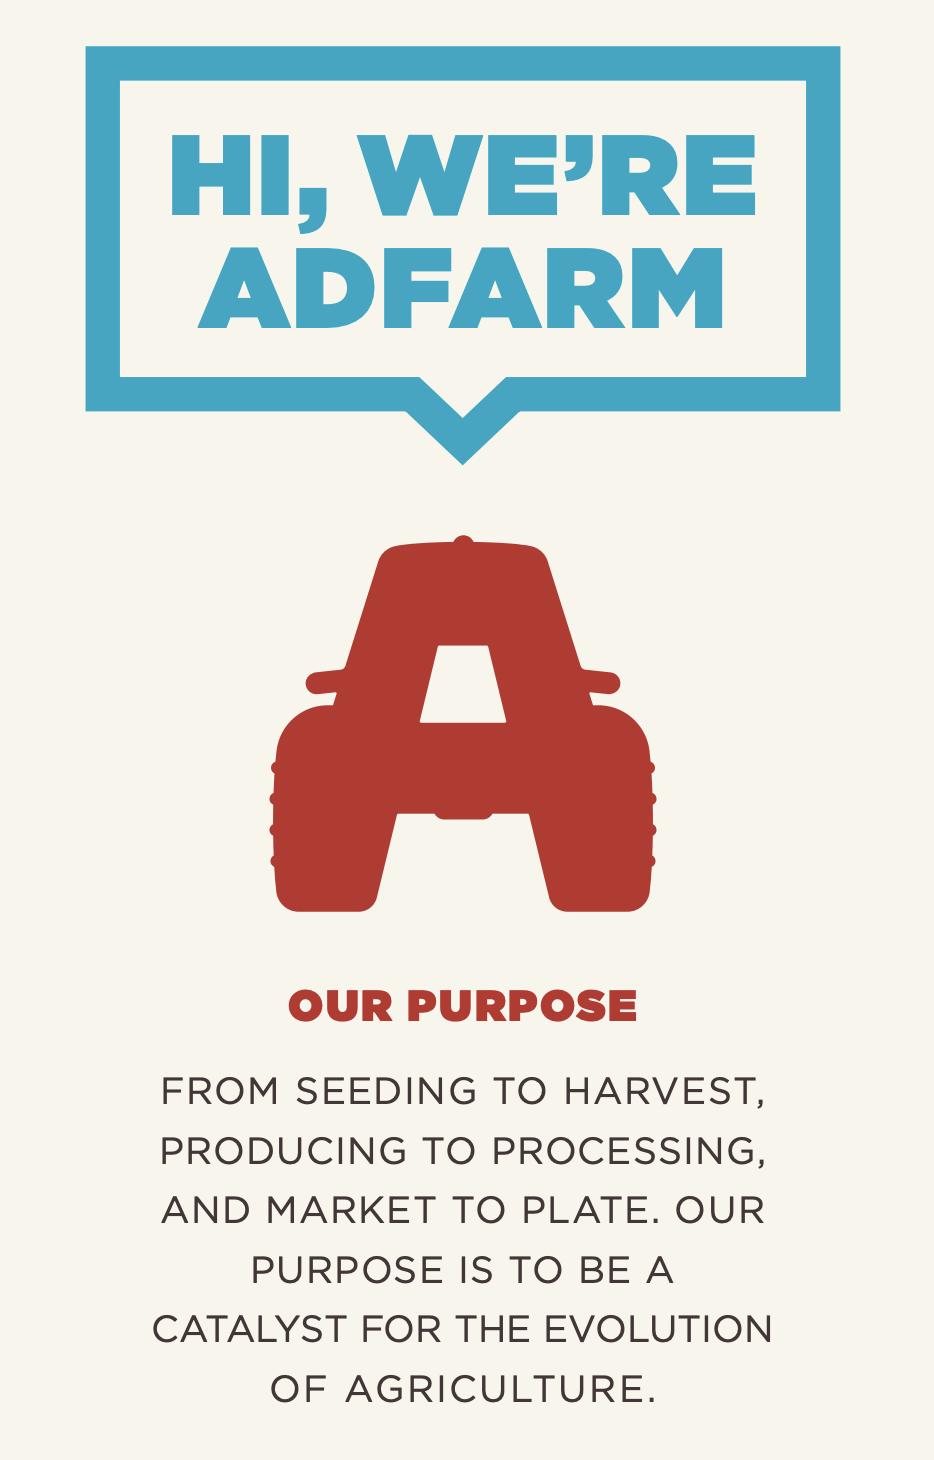 HI, WE'RE ADFARM